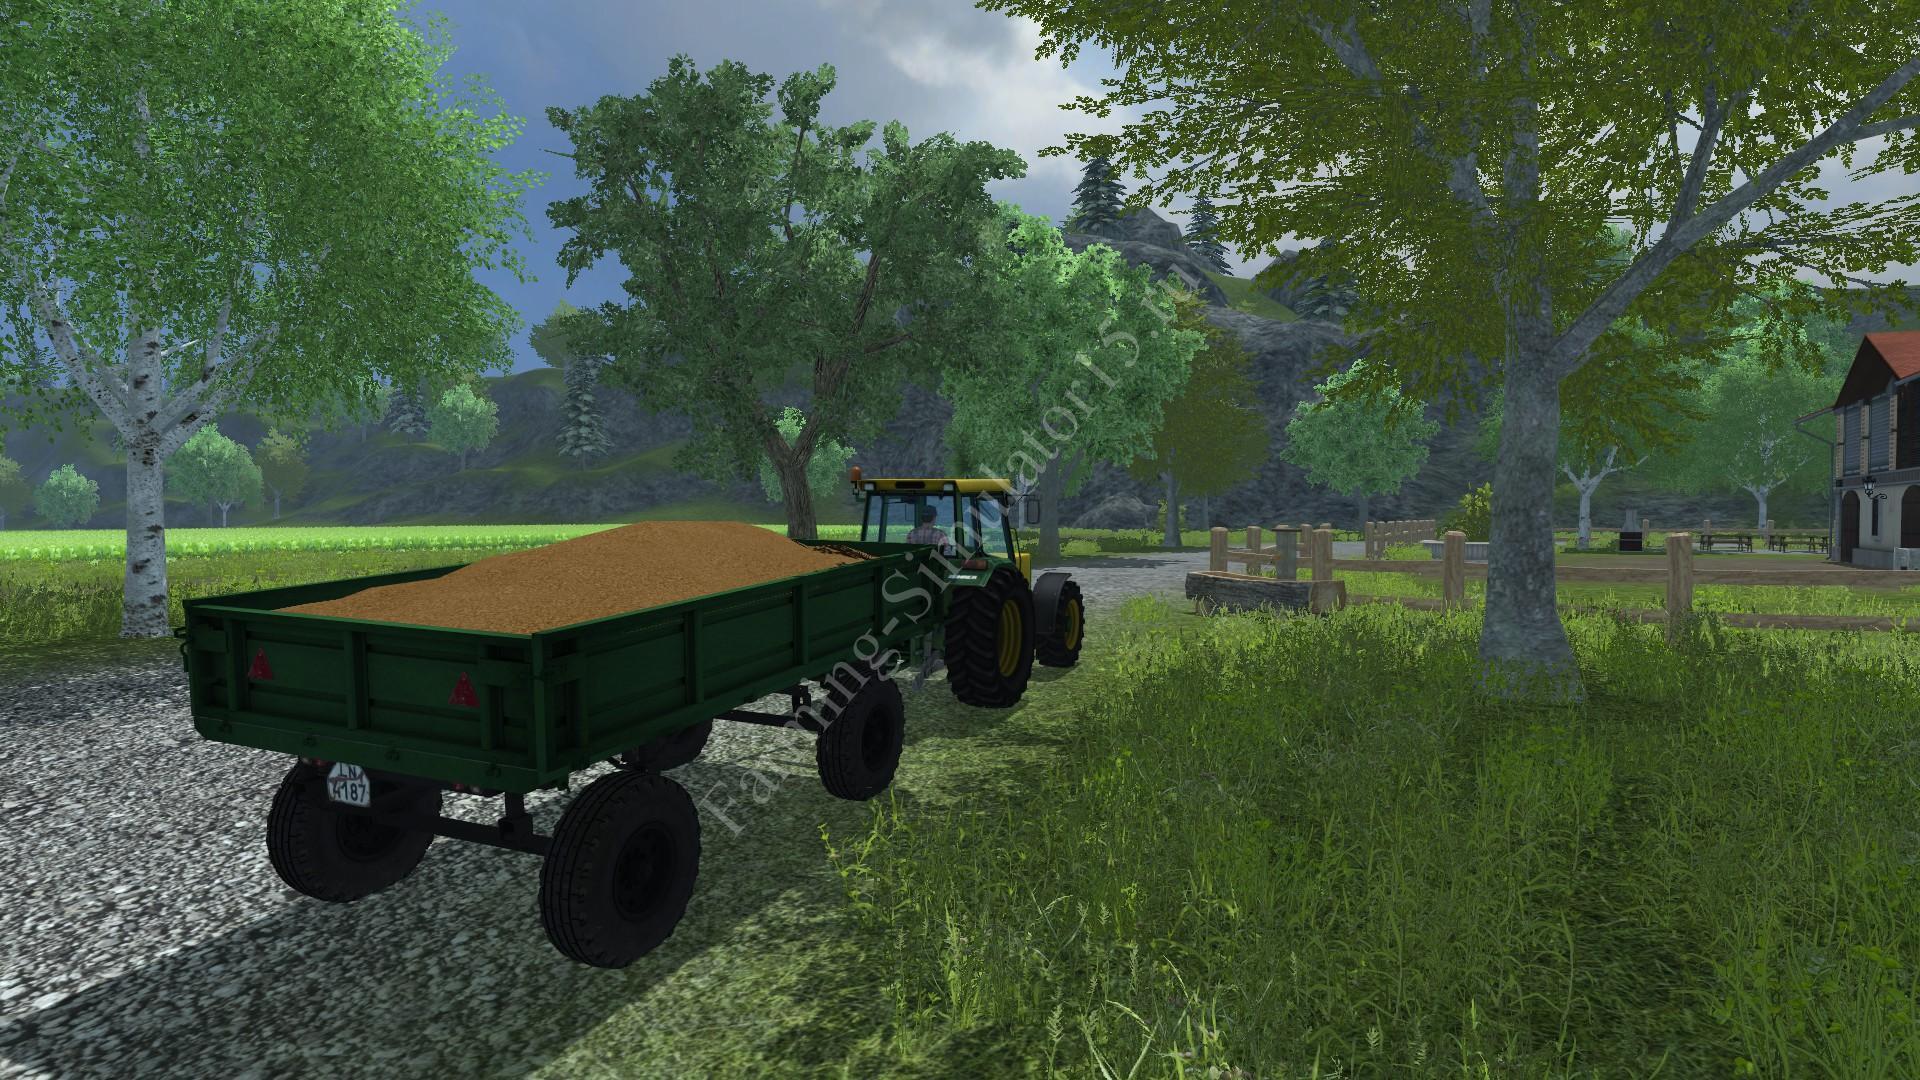 Мод прицепа с поворотным кругом 2PTS 4 v 1.0 Farming Simulator 2013, Farming Simulator 13